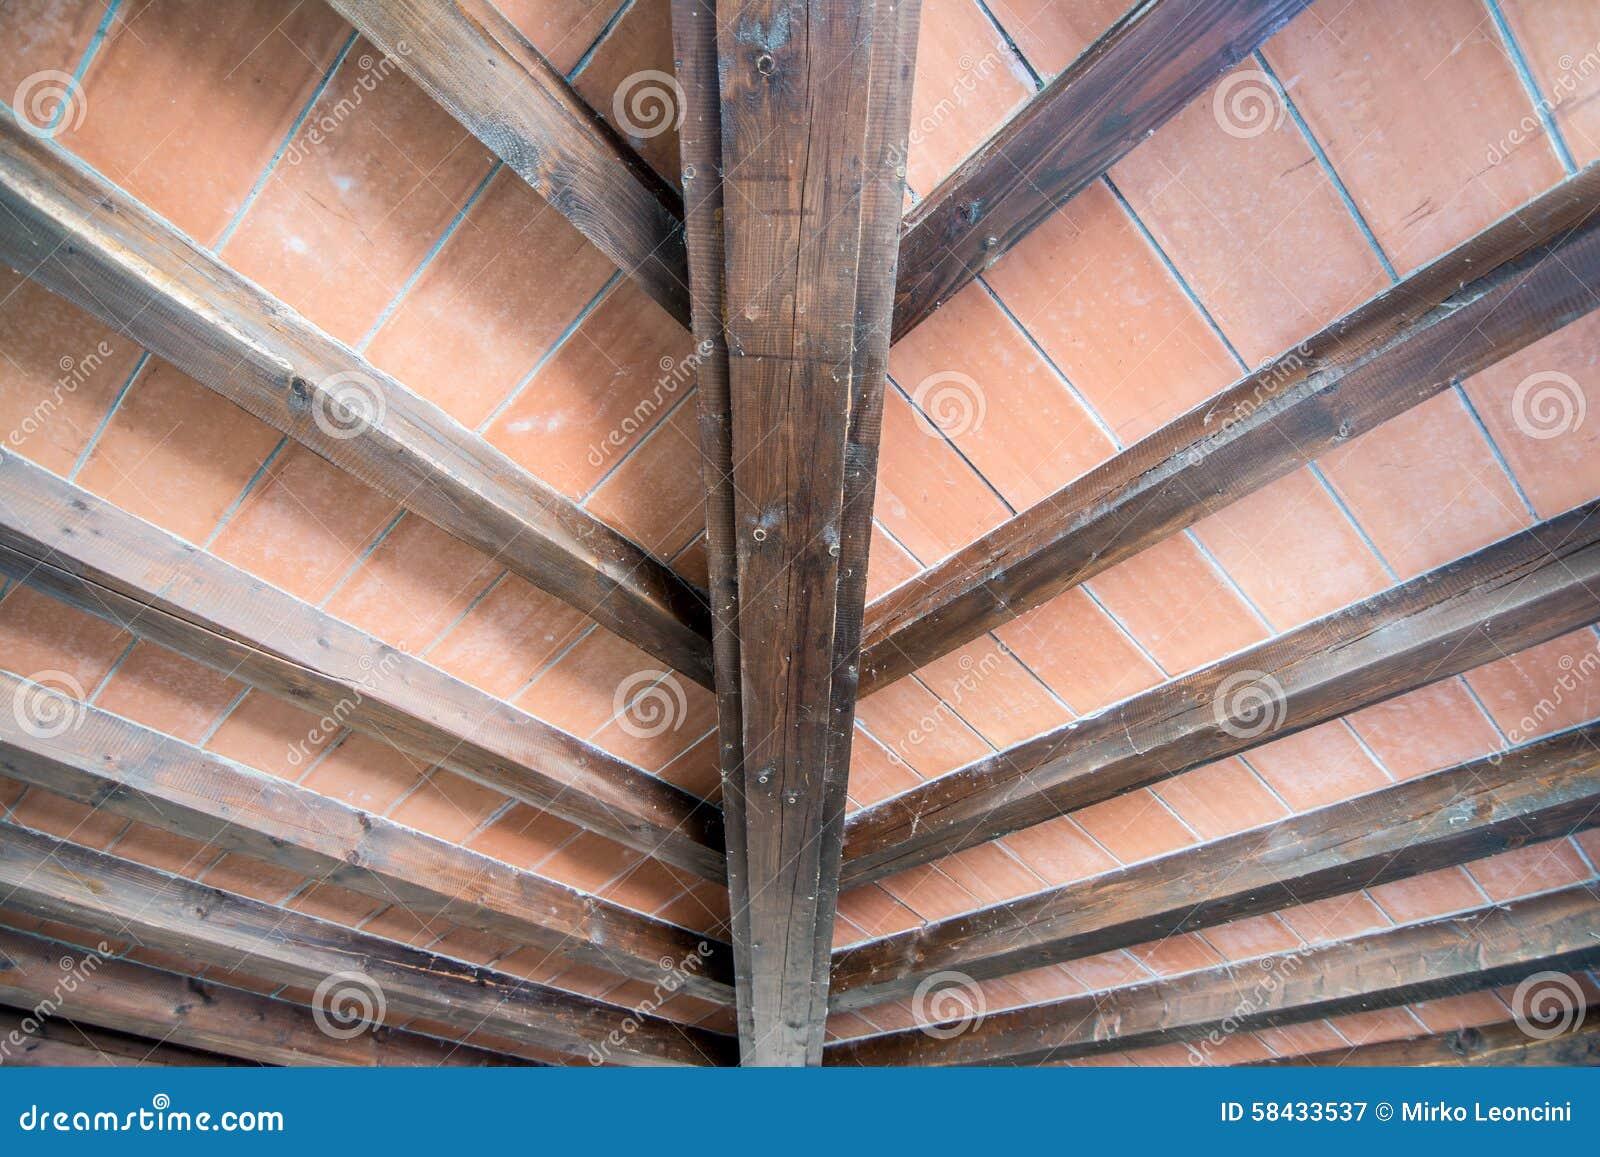 Soffitto della casa di campagna fotografia stock for Architettura della casa di campagna